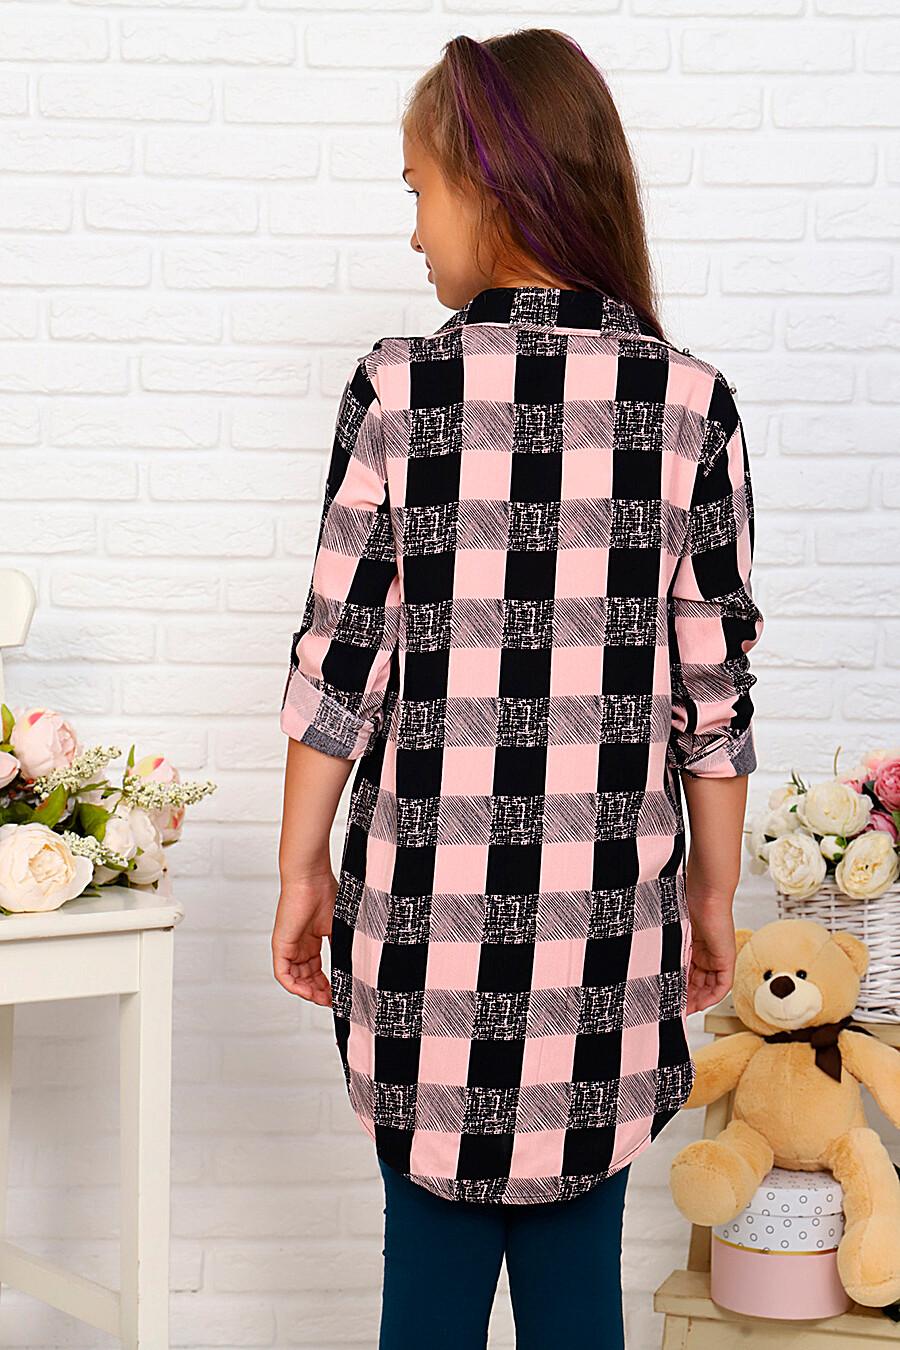 Туника-рубашка для девочек SOFIYA37 667887 купить оптом от производителя. Совместная покупка детской одежды в OptMoyo